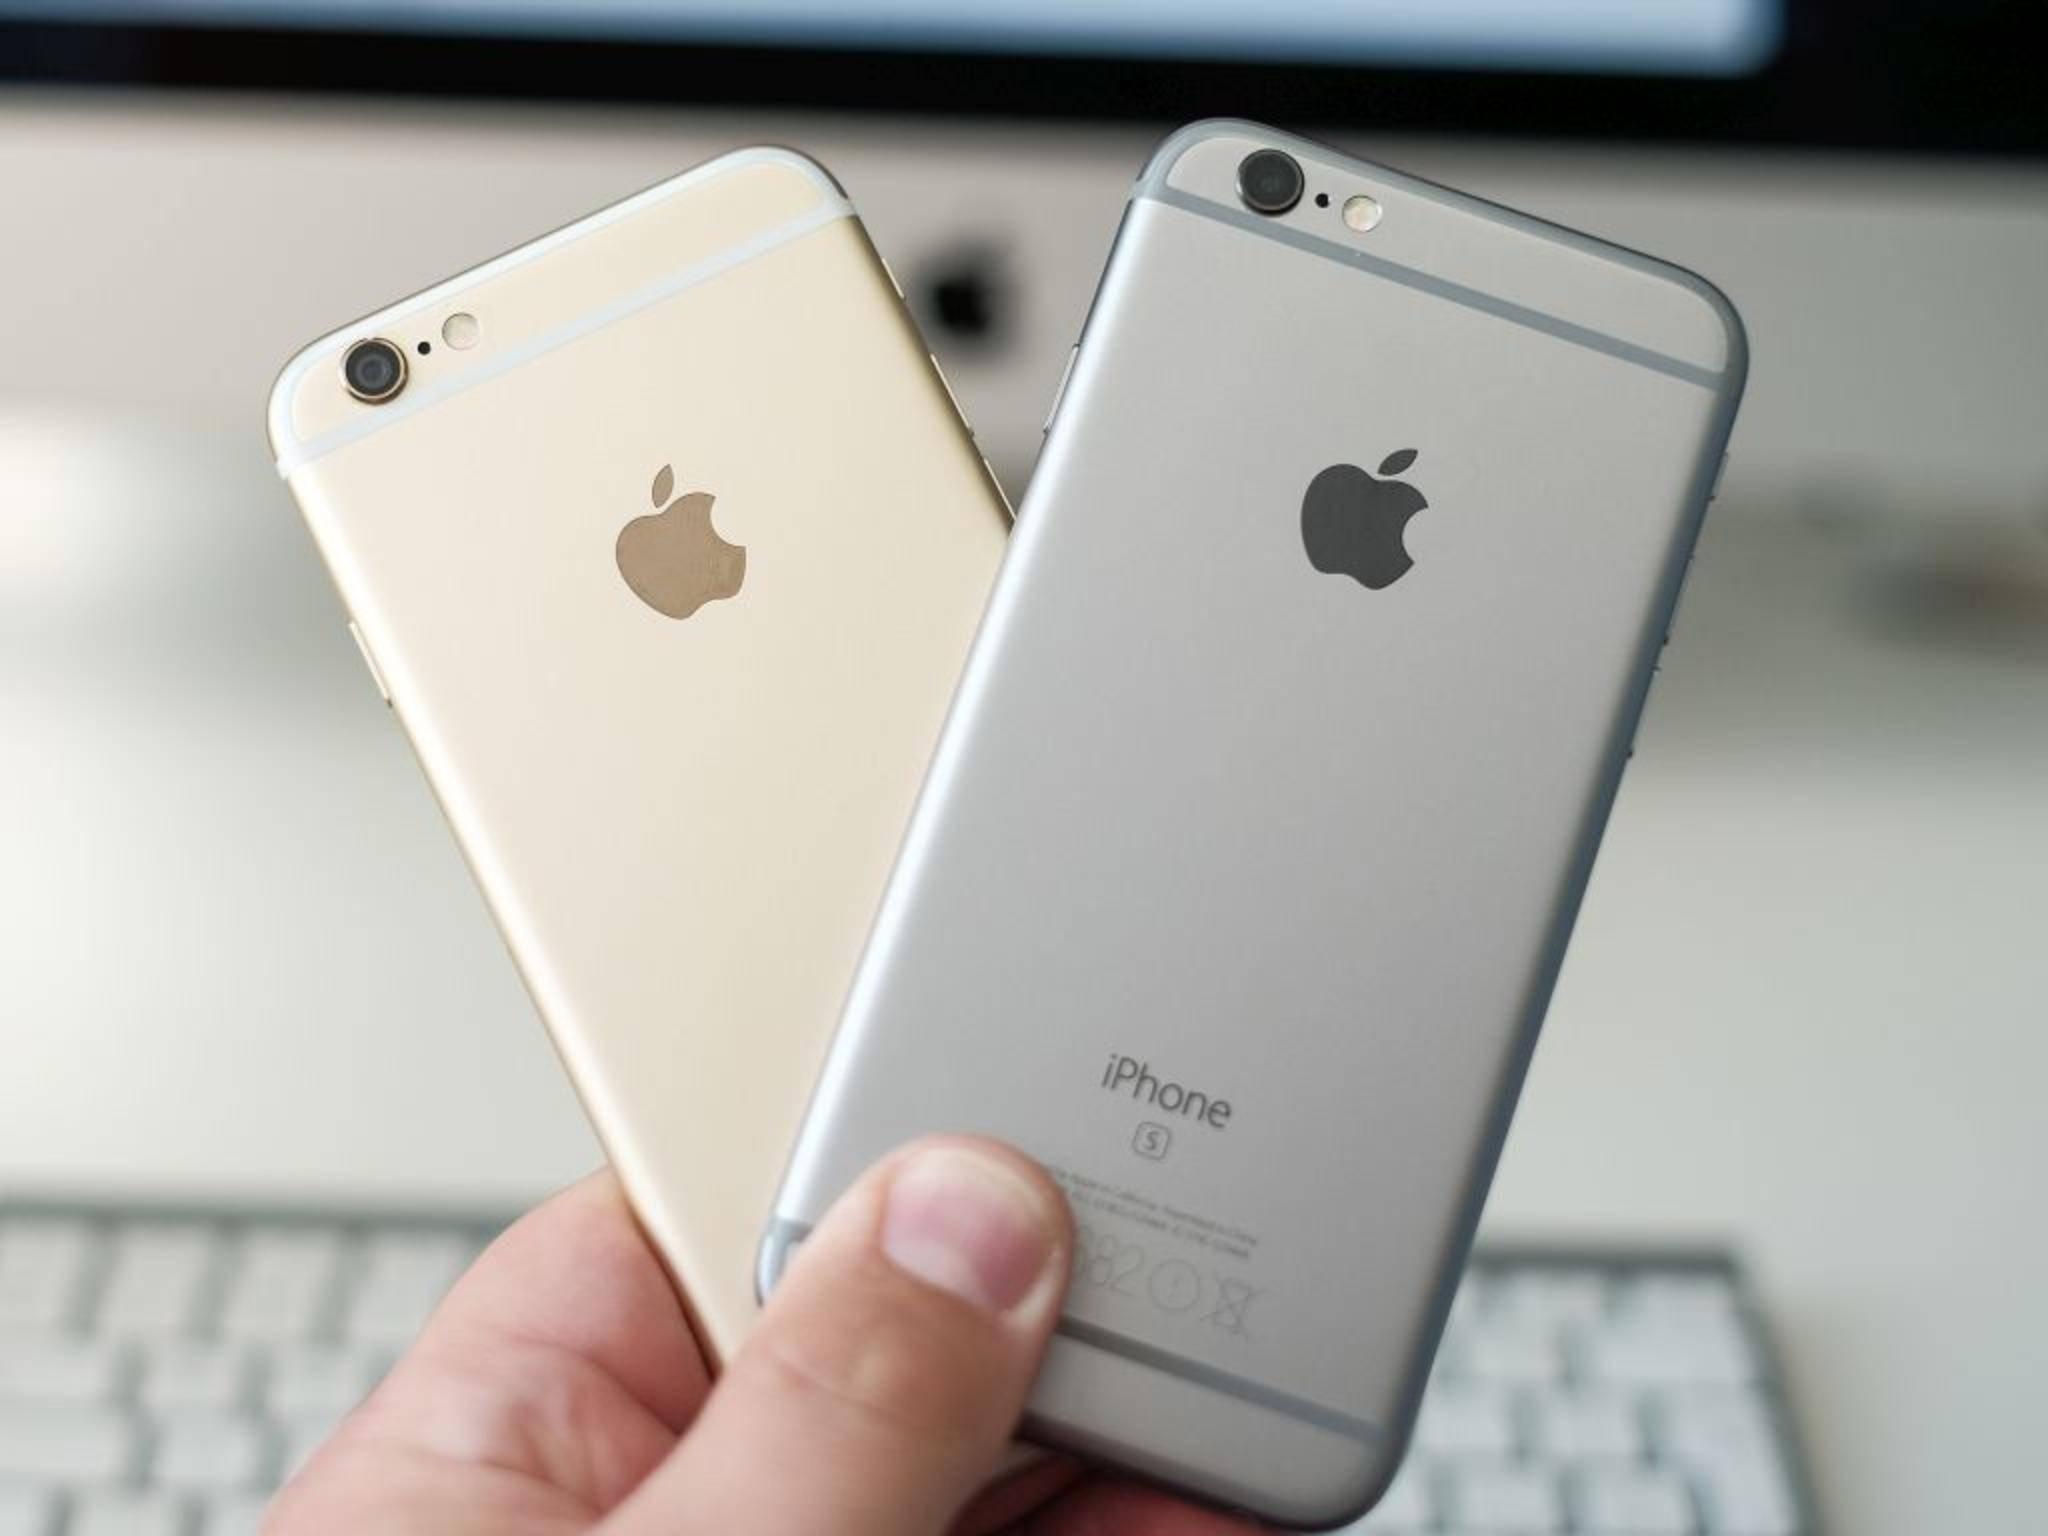 Das iPhone 6 war ein wahrer Verkaufsschlager – das iPhone 6s ist es anscheinend nicht.